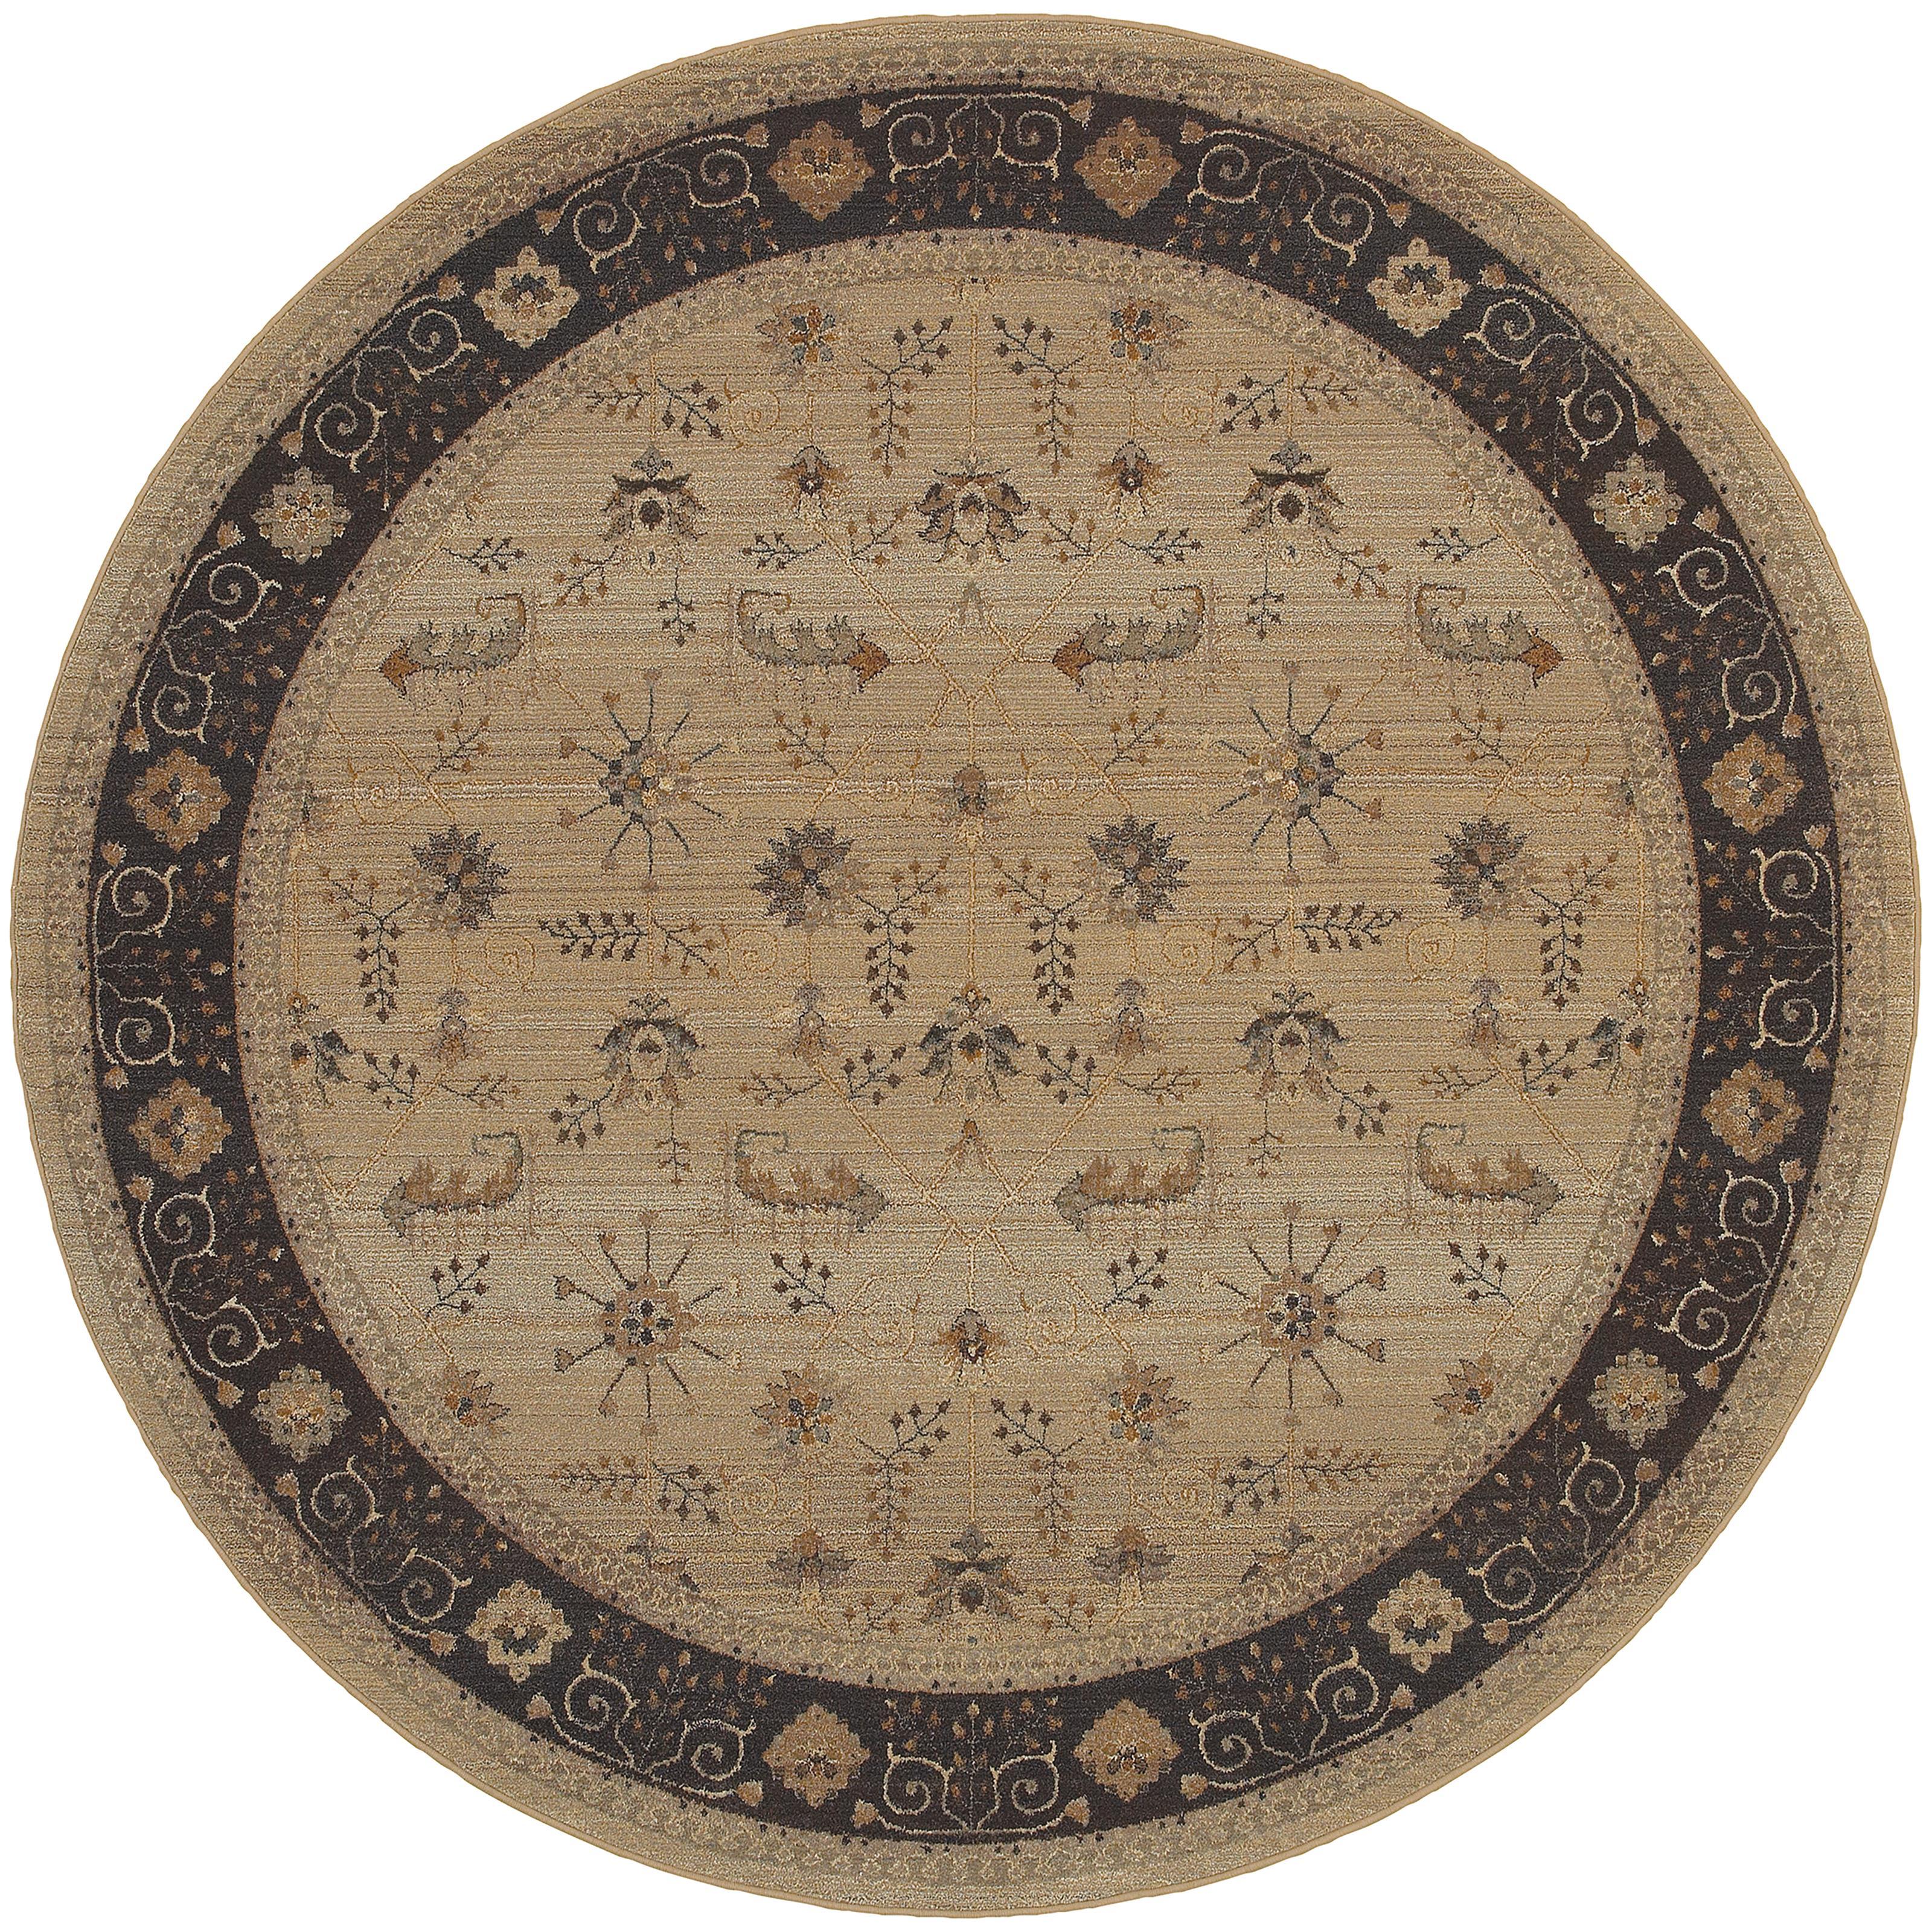 Oriental Weavers Genesis 8' Rug - Item Number: G112M1240240ST